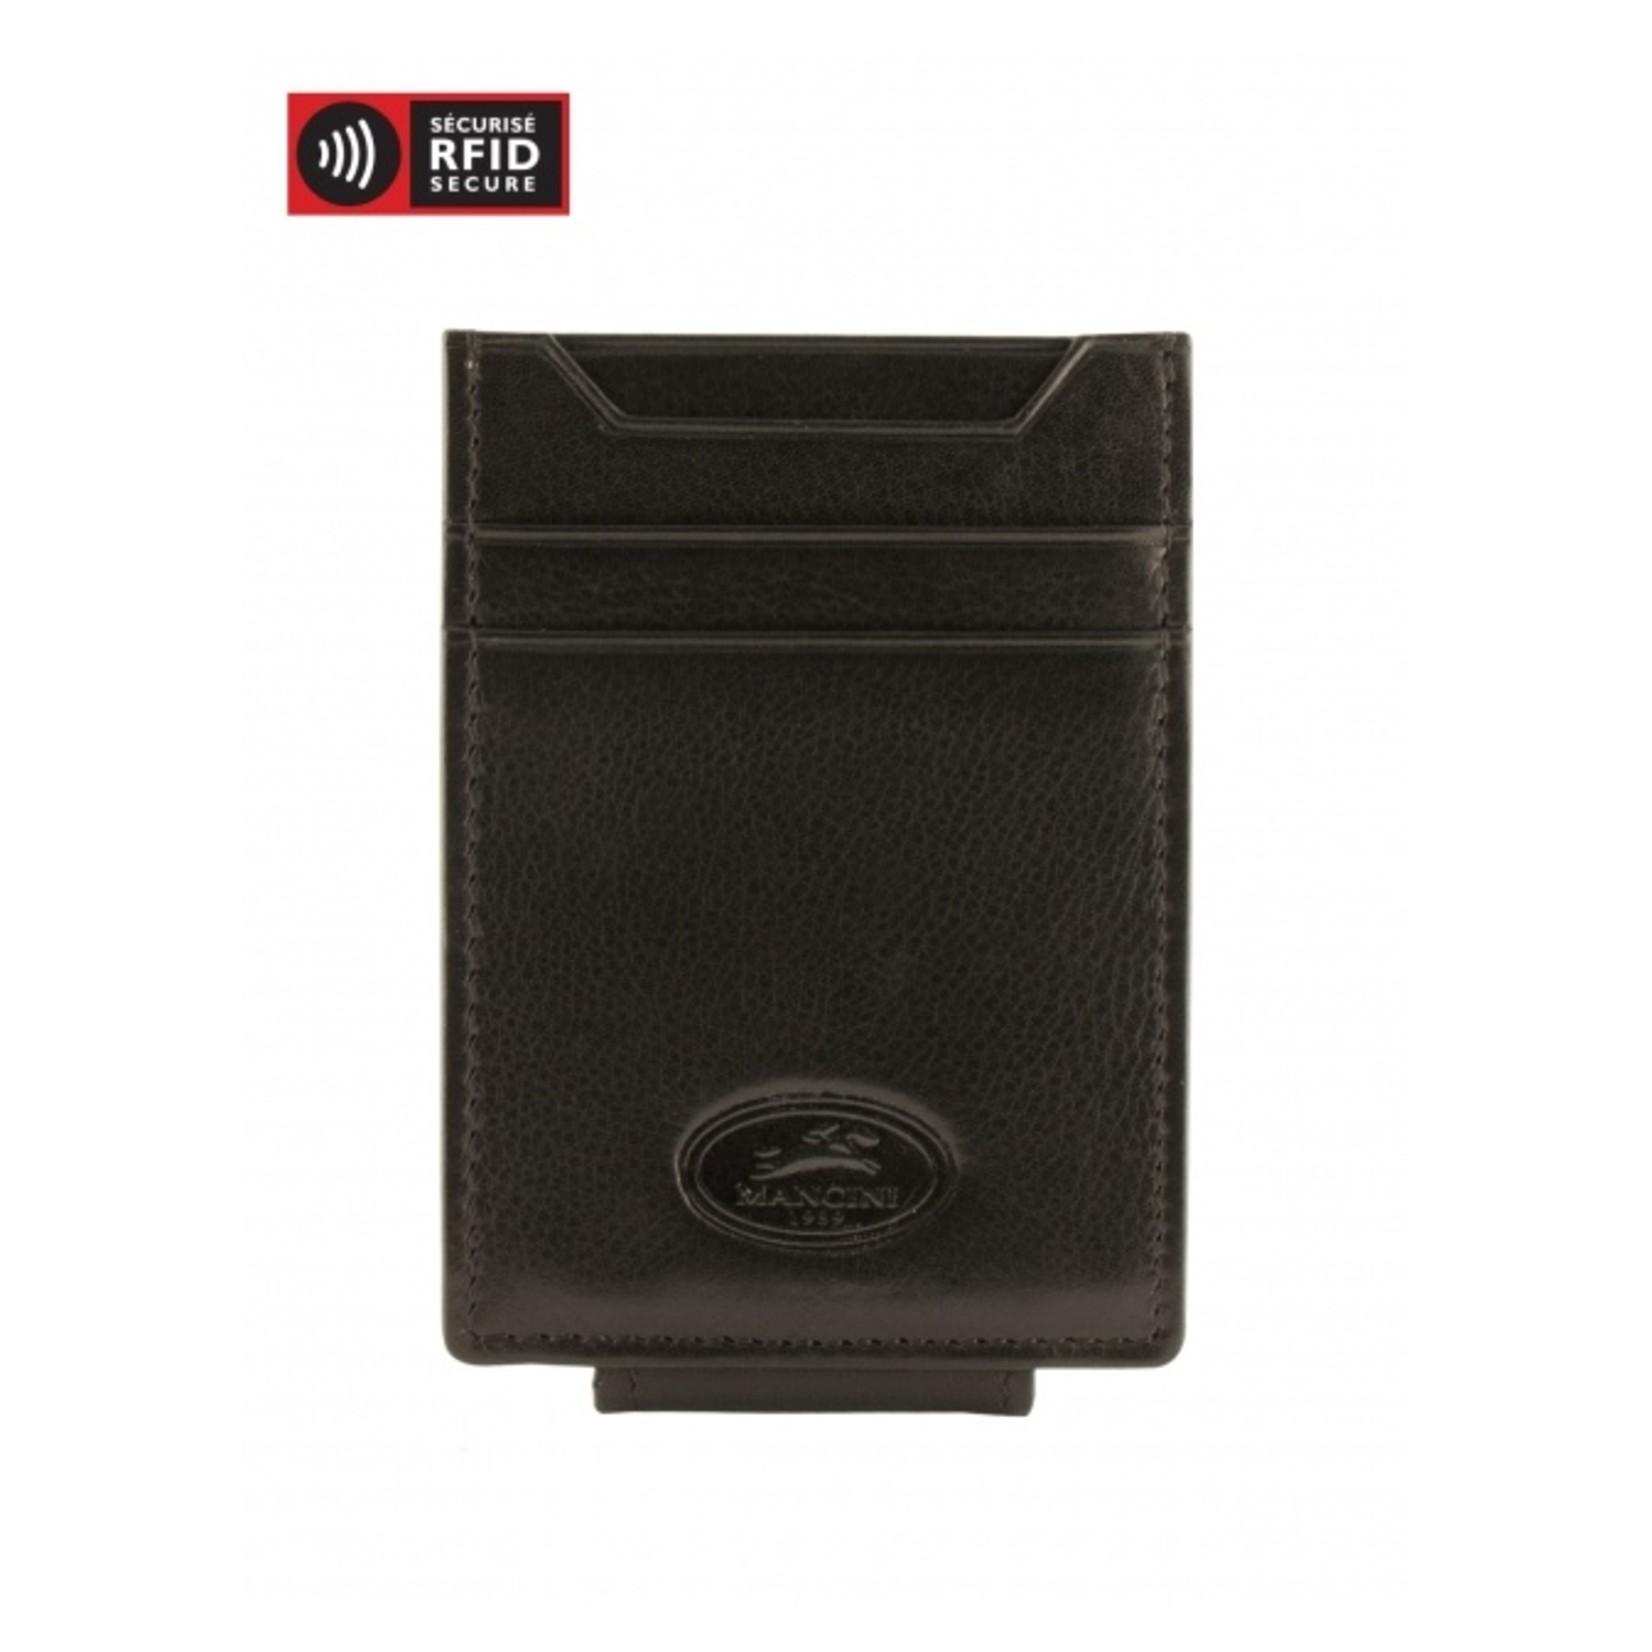 Mancini Mancini 2010137 RFID Bilclip & Credit case